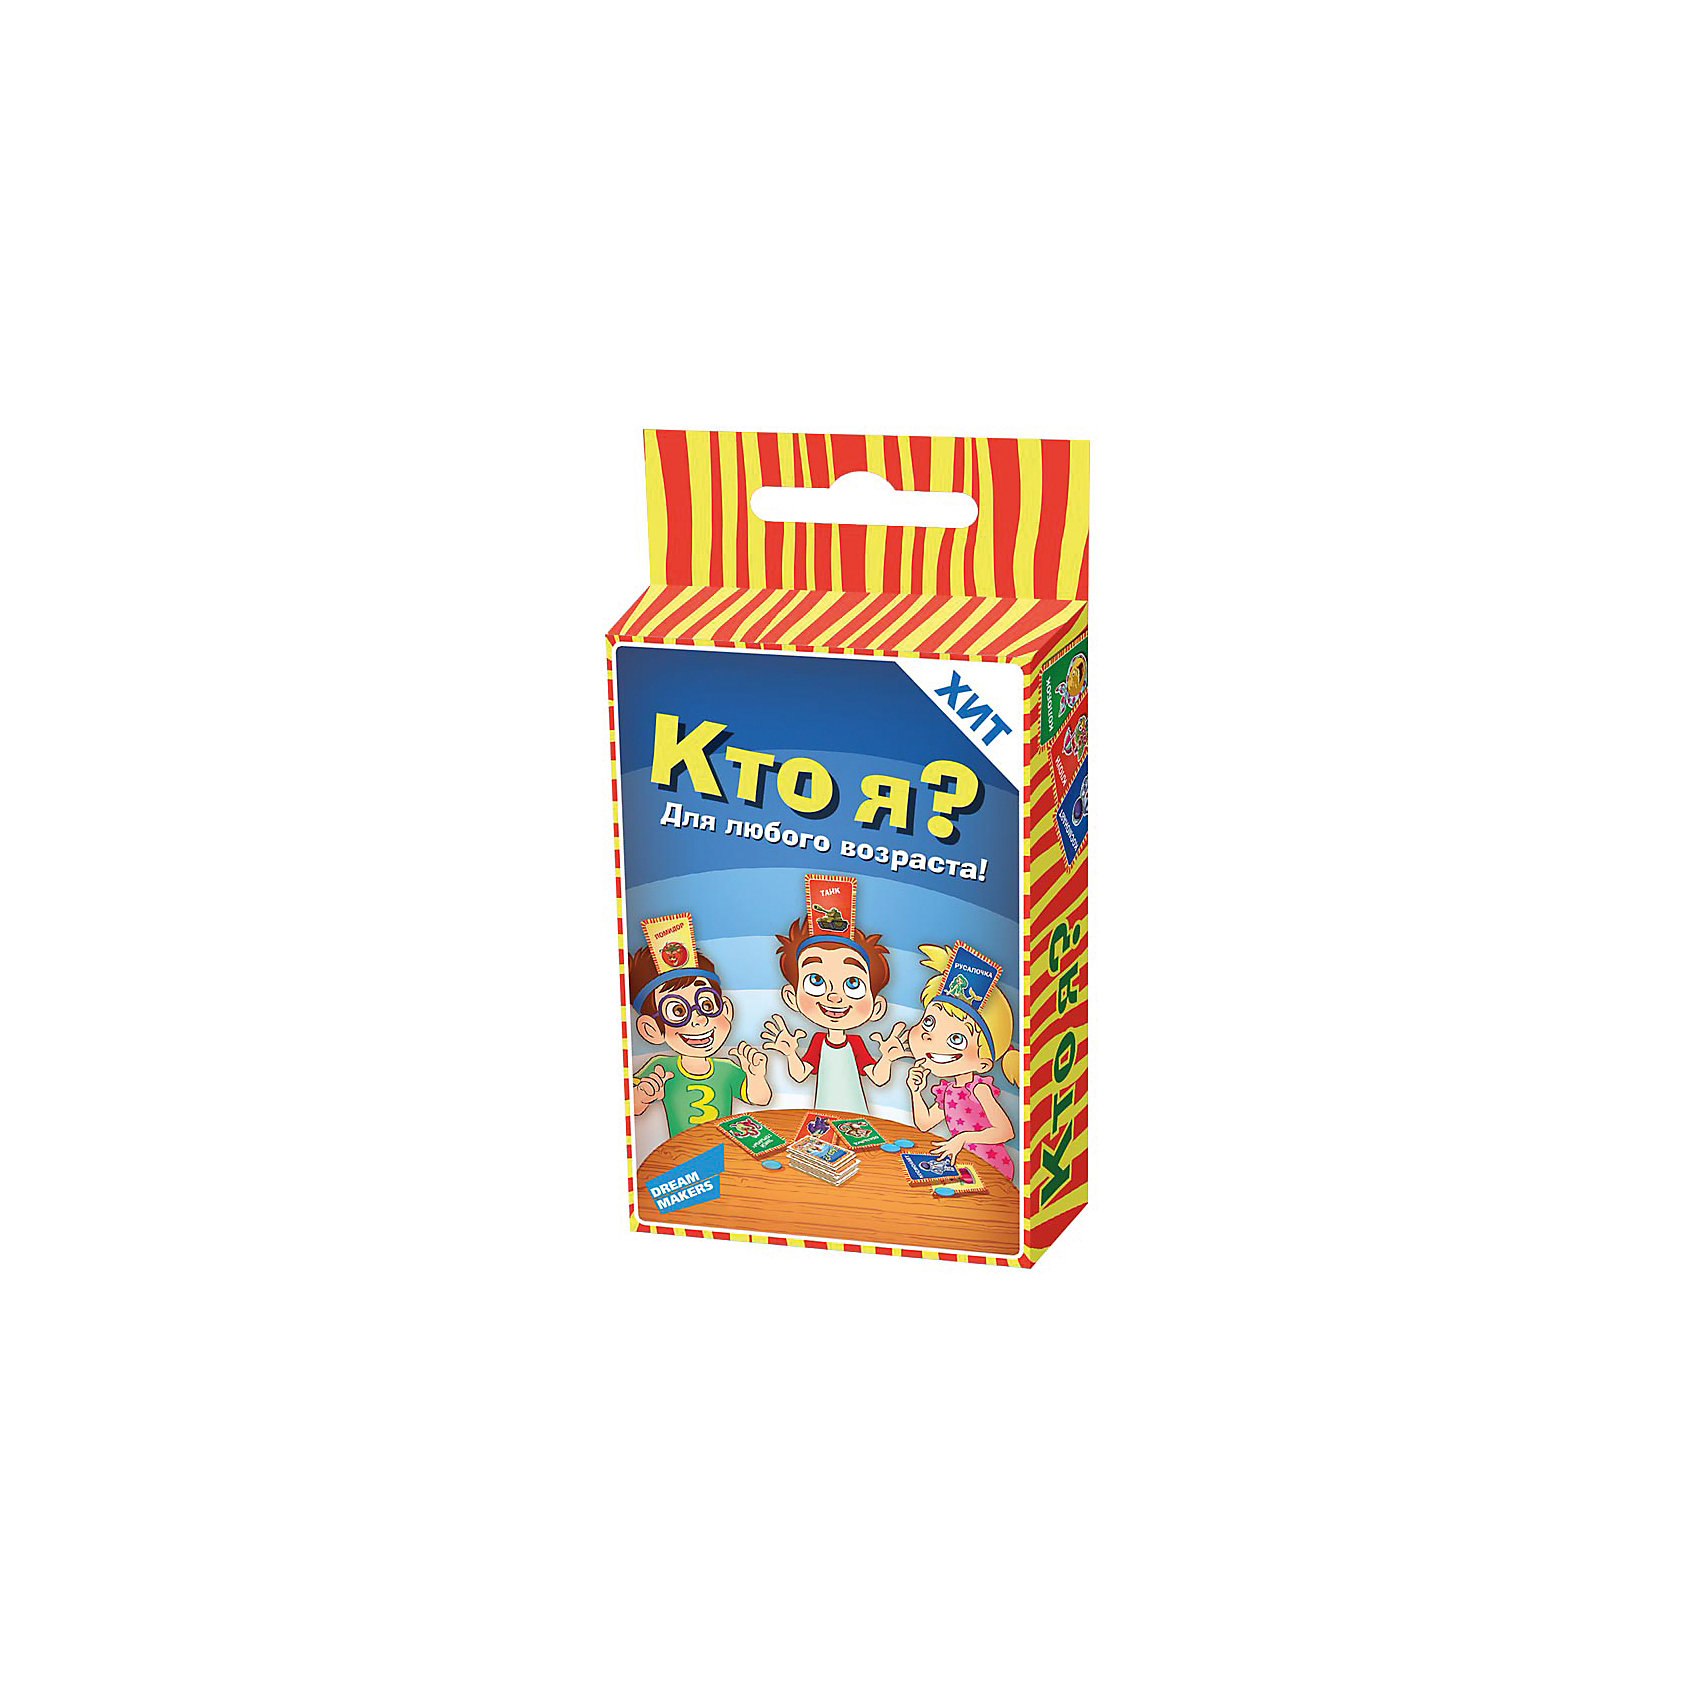 Настольная игра Кто я? Dream makersНастольные игры для всей семьи<br>Характеристики товара:<br><br>• возраст: от 10 лет;<br>• в комплекте: игровые карточки 30 шт., правила игры;<br>• количество игроков: 2-6;<br>• время игры: 20 мин.;<br>• вес: 80 гр.;<br>• размер упаковки: 8,8х6х1,2см;<br>• упаковка: картонная коробка.<br><br>Весёлая игра, в которую можно играть везде: на детском празднике, дружеской встрече и в дороге. Задача игрока – задавая простые вопросы, первым угадать, кто изображен у него на карточке. Игра для детей от 10 лет, рассчитанная на 2-6 игроков , развивает логическое мышление.<br><br>Детскую настольную игру «Кто я? Cards» можно купить в нашем интернет-магазине.<br><br>Ширина мм: 88<br>Глубина мм: 59<br>Высота мм: 12<br>Вес г: 80<br>Возраст от месяцев: 120<br>Возраст до месяцев: 2147483647<br>Пол: Унисекс<br>Возраст: Детский<br>SKU: 7040263